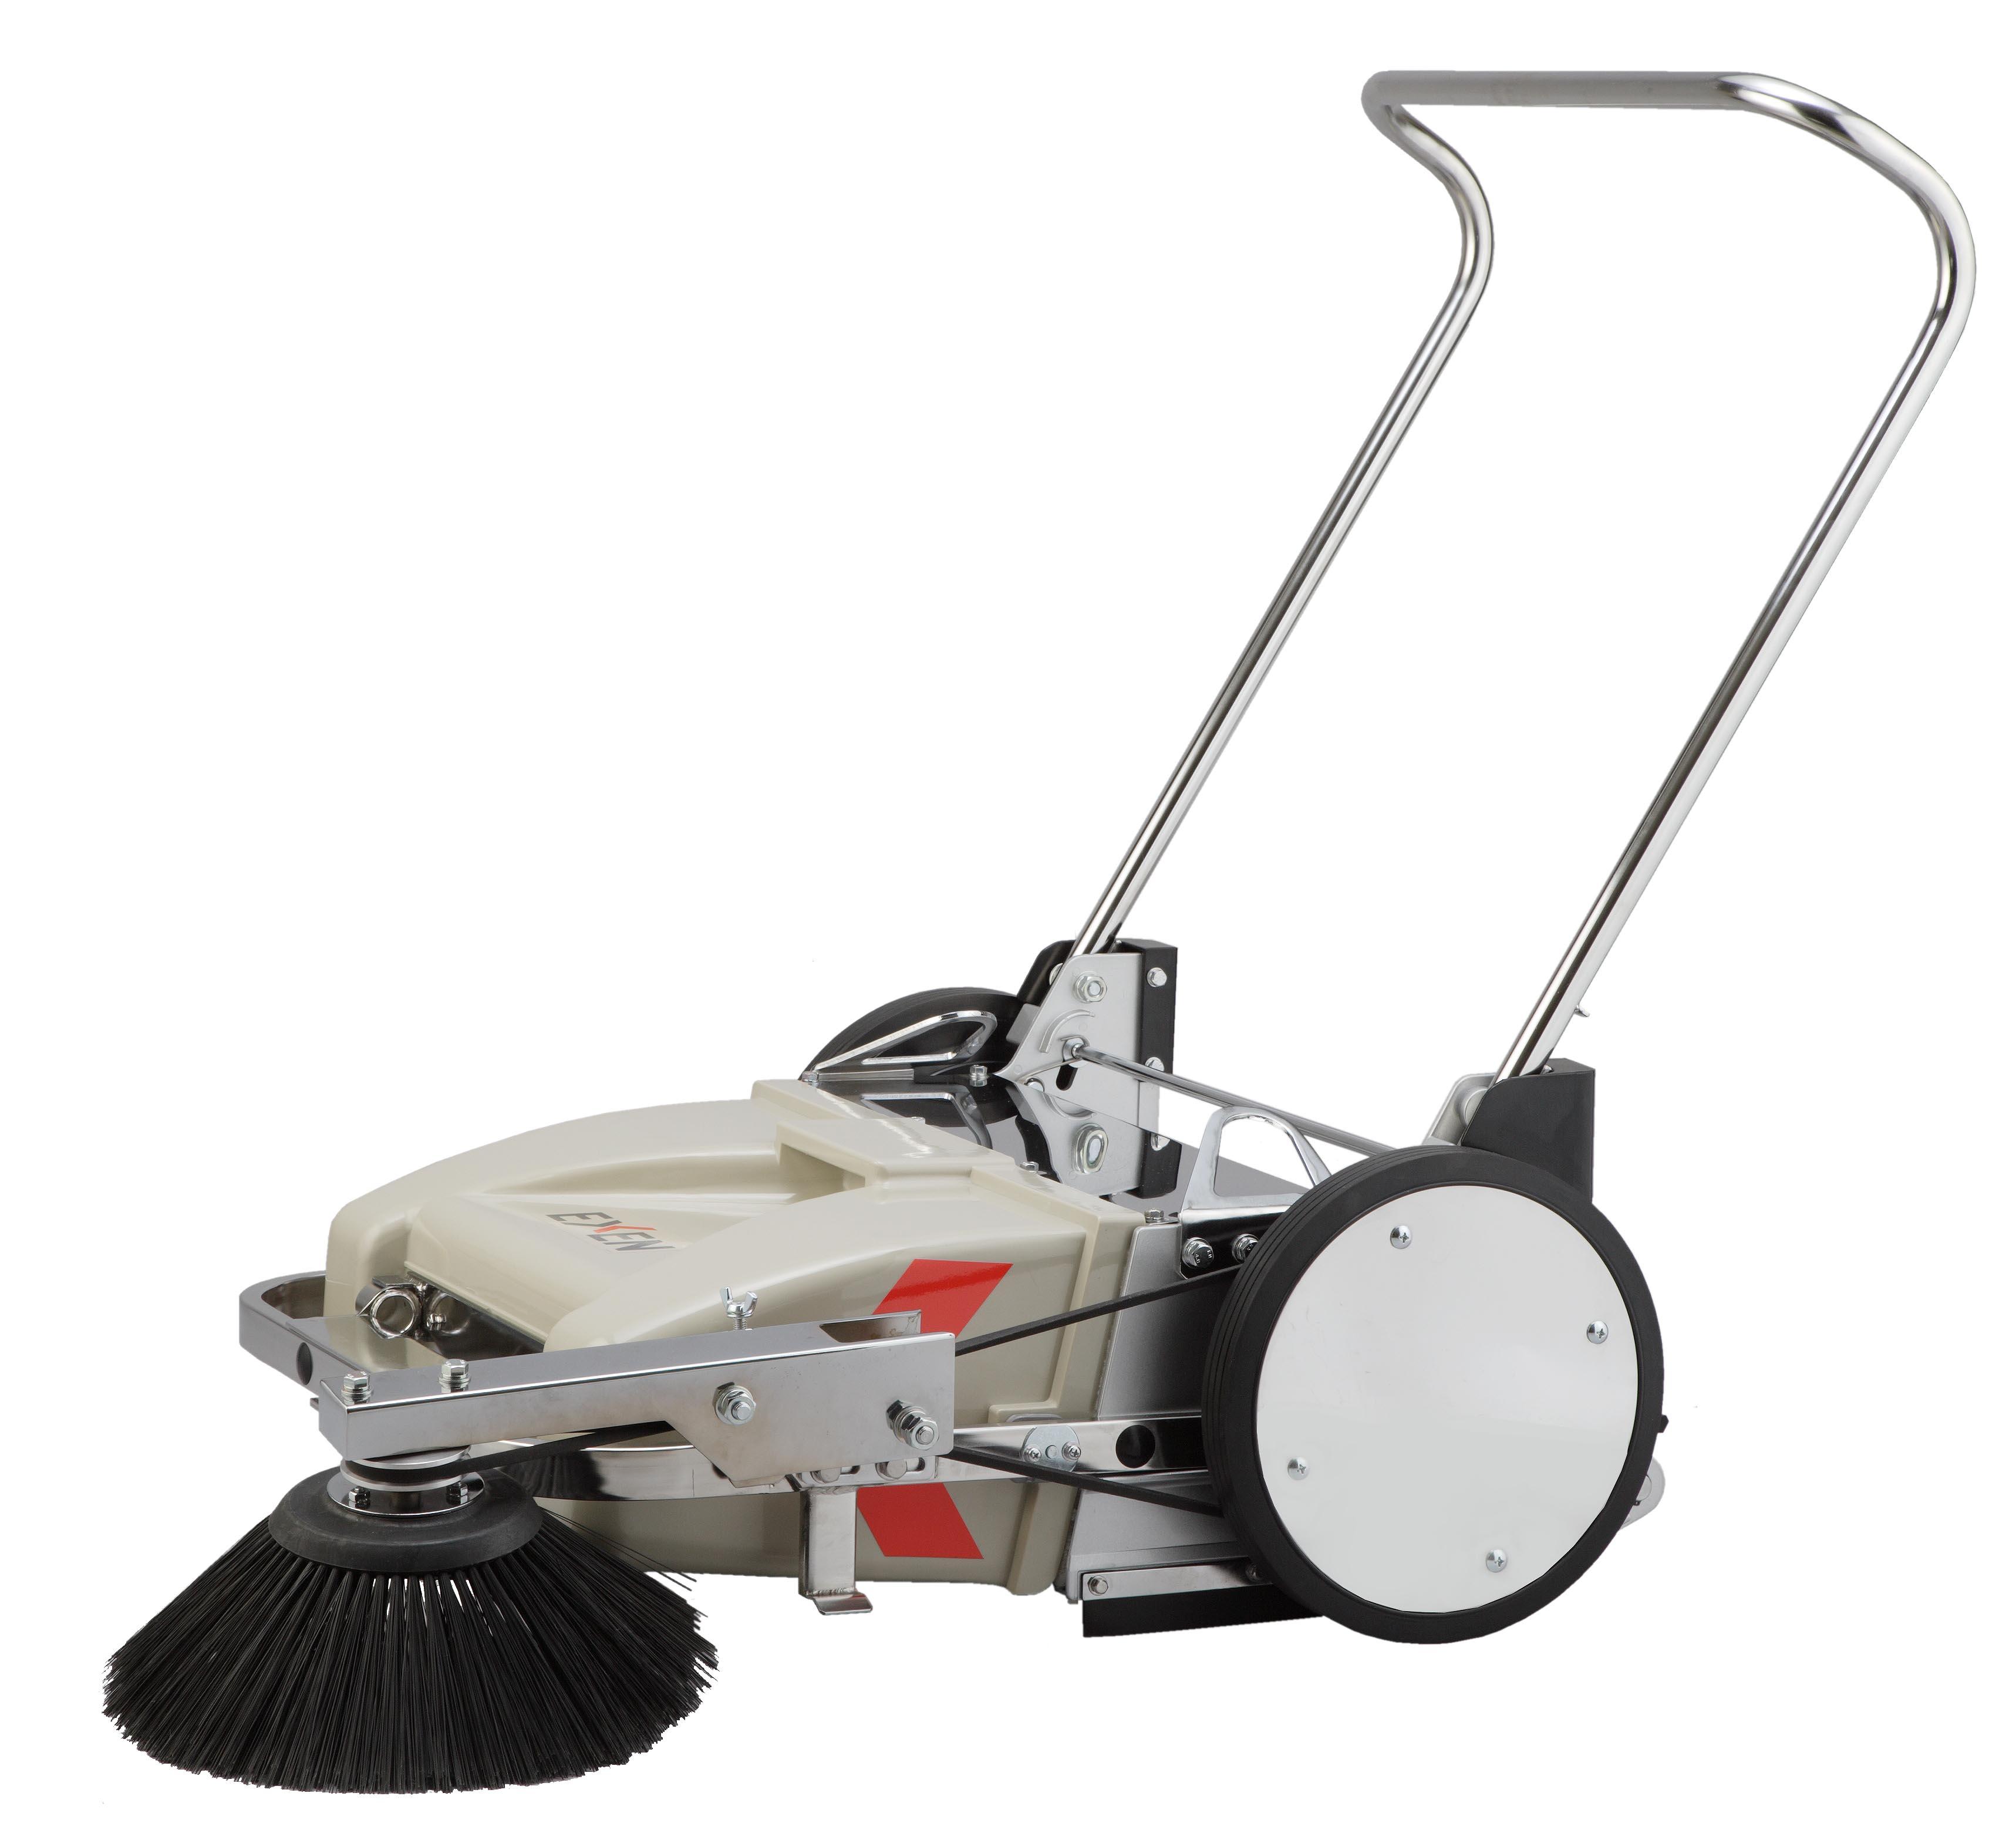 马鞍山无动力扫地机,马鞍山无动力扫地机价格,马鞍山无动力扫地机出口品质